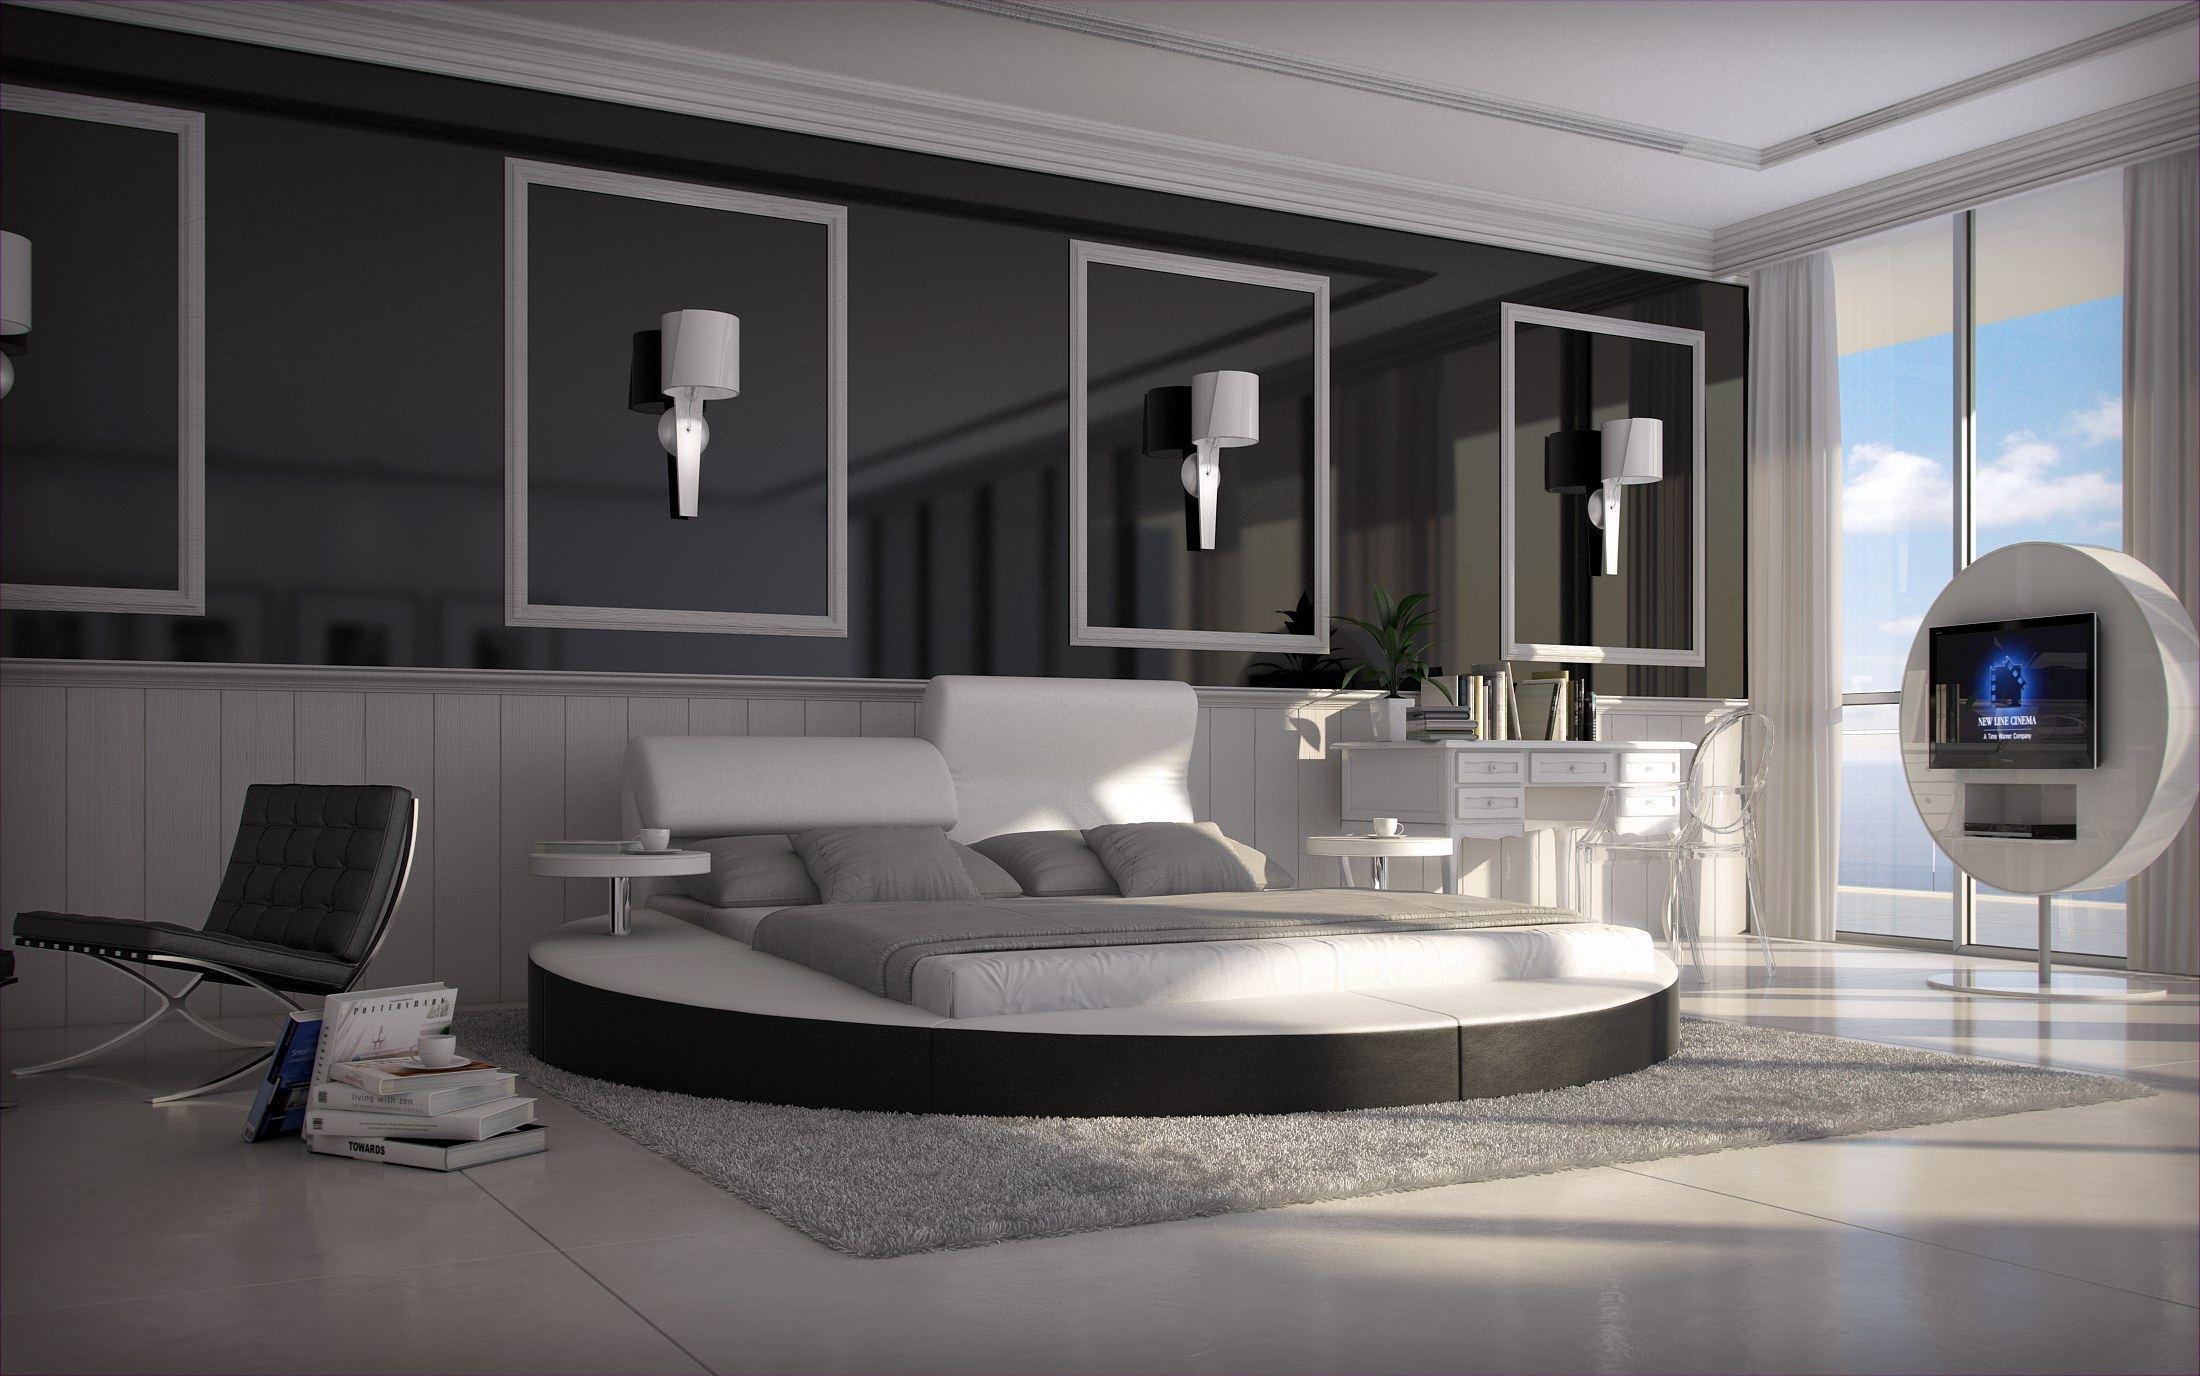 wasserbett rundbett napoli komplett set dualsystem design ebay. Black Bedroom Furniture Sets. Home Design Ideas